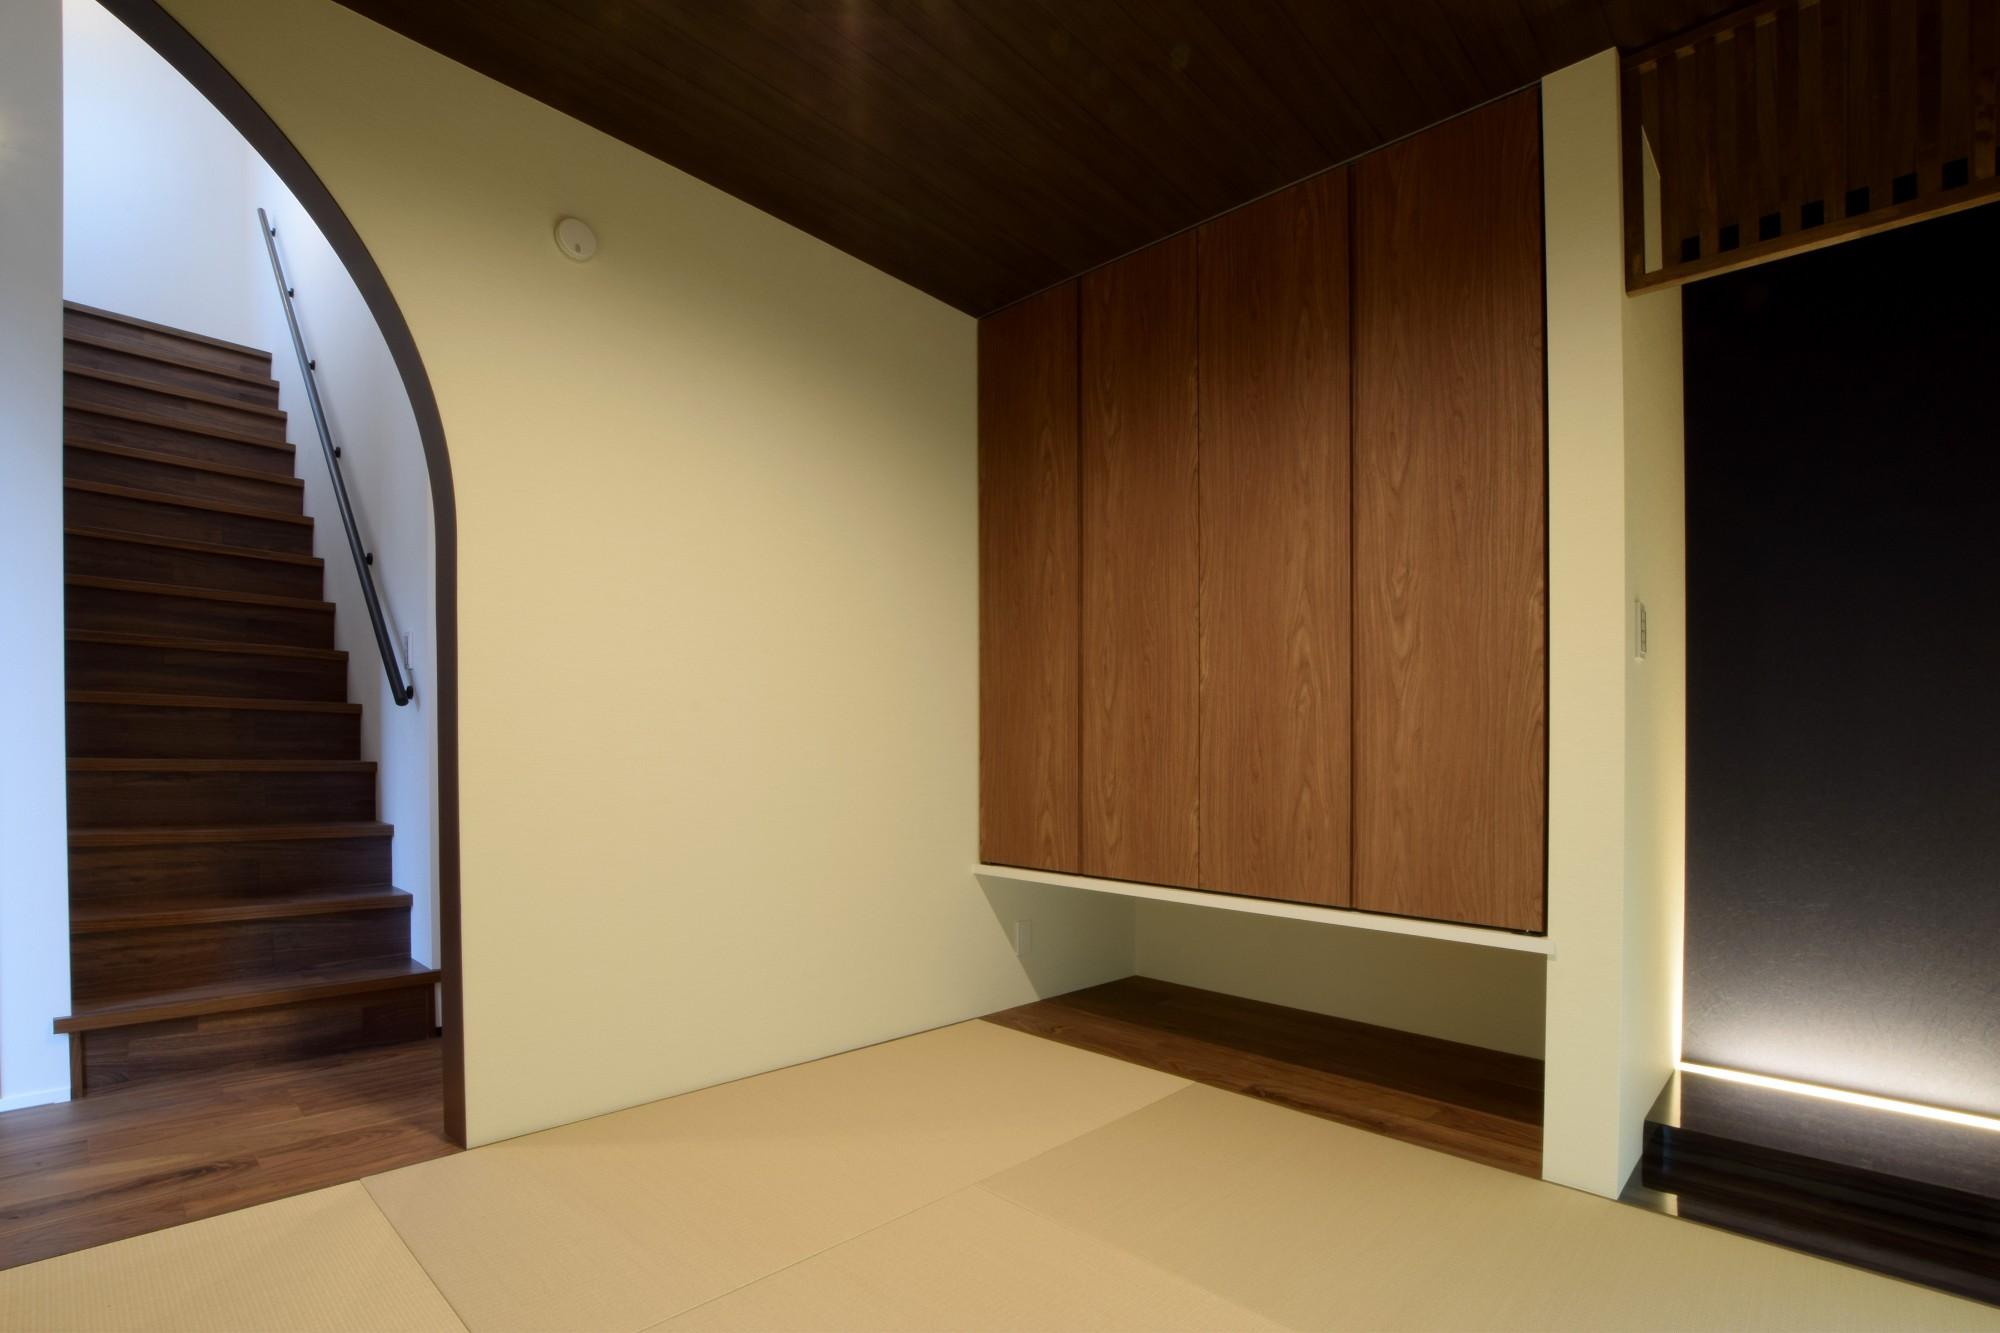 DETAIL HOME(ディテールホーム)「インナーガレージとともに暮らす」のシンプル・ナチュラルな居室の実例写真